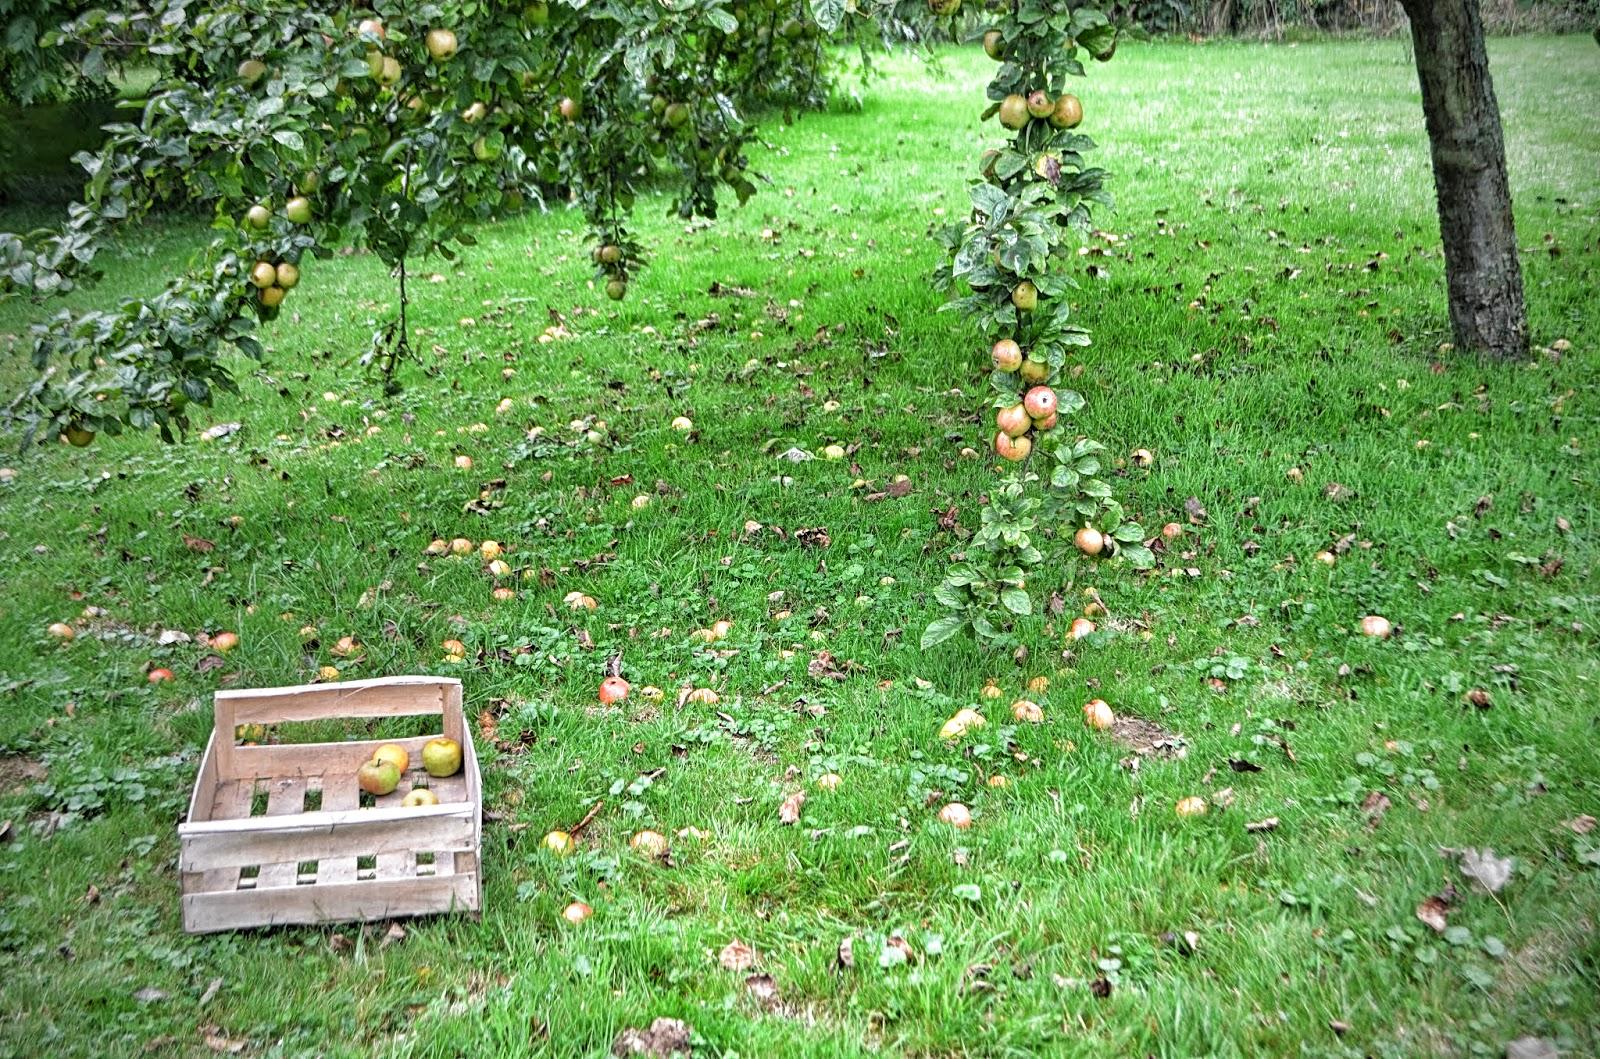 normandie ou le d 39 orl ans l 39 automne pommes swing la bacaisse dans l 39 fond d 39 la bo te bois. Black Bedroom Furniture Sets. Home Design Ideas